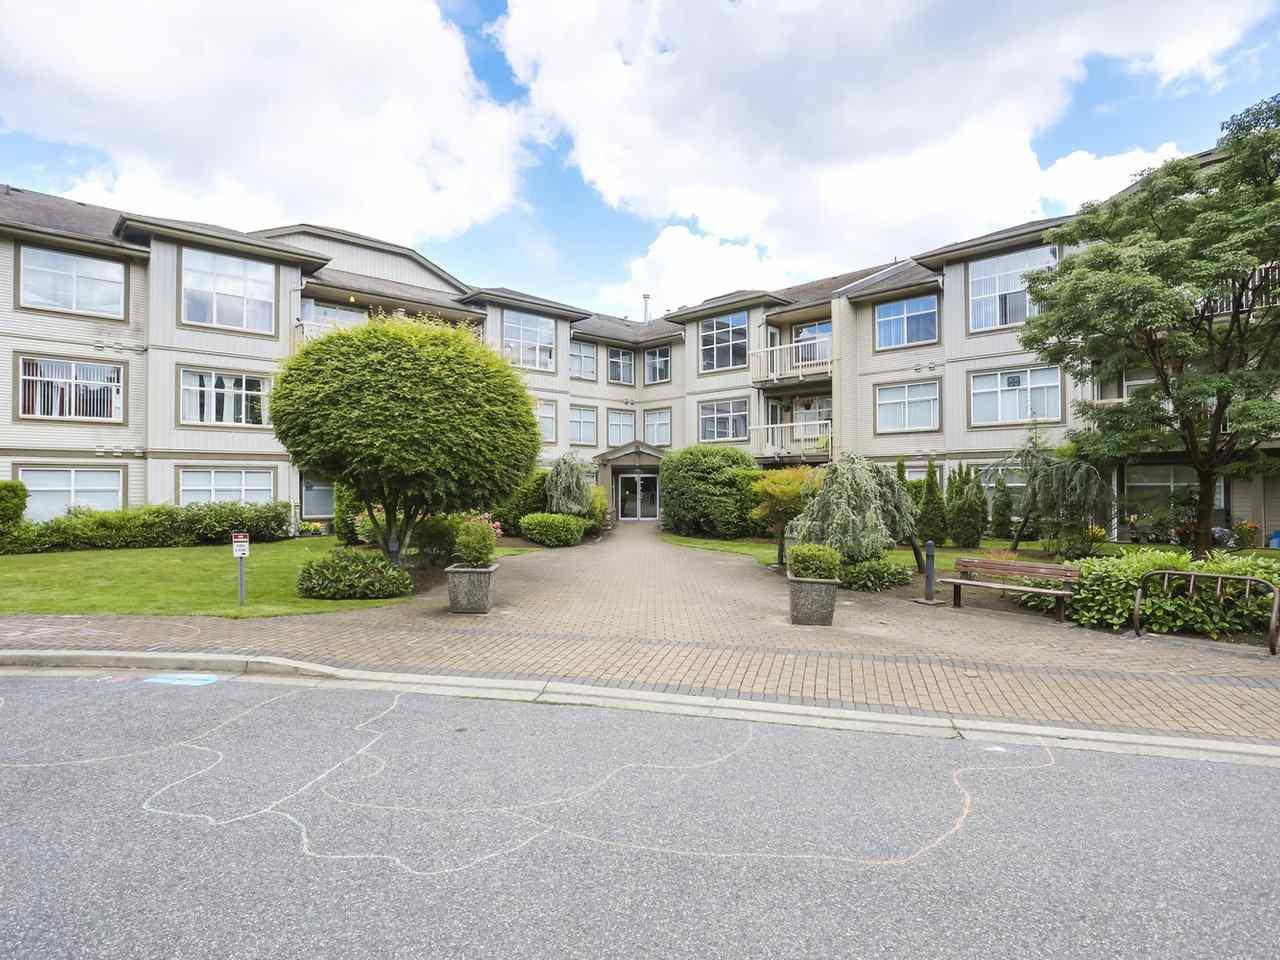 """Main Photo: 118 14885 105 Avenue in Surrey: Guildford Condo for sale in """"REVIVA"""" (North Surrey)  : MLS®# R2462189"""